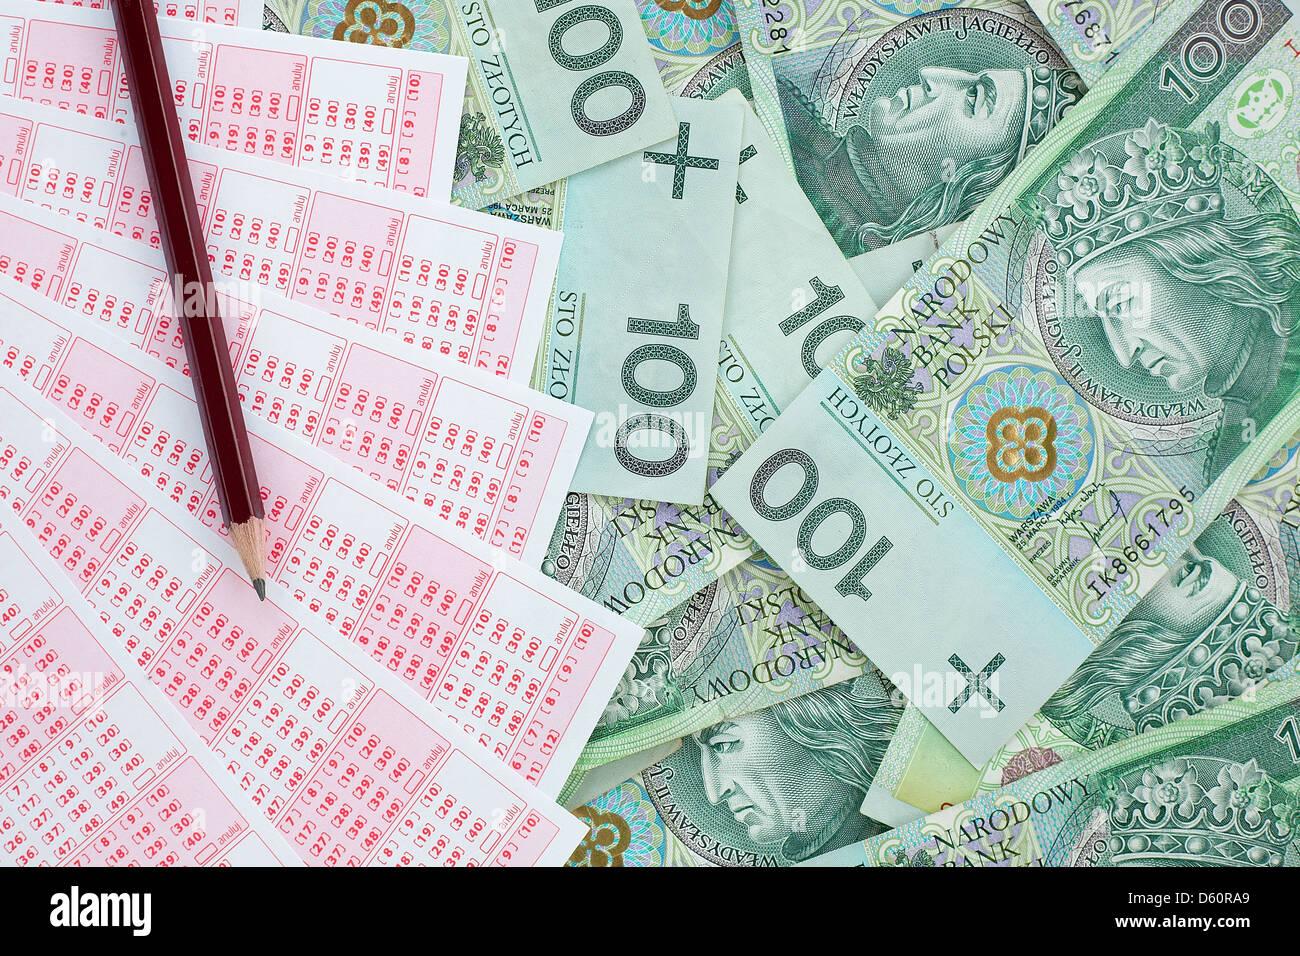 Lotto ticket in valuta polacca Immagini Stock